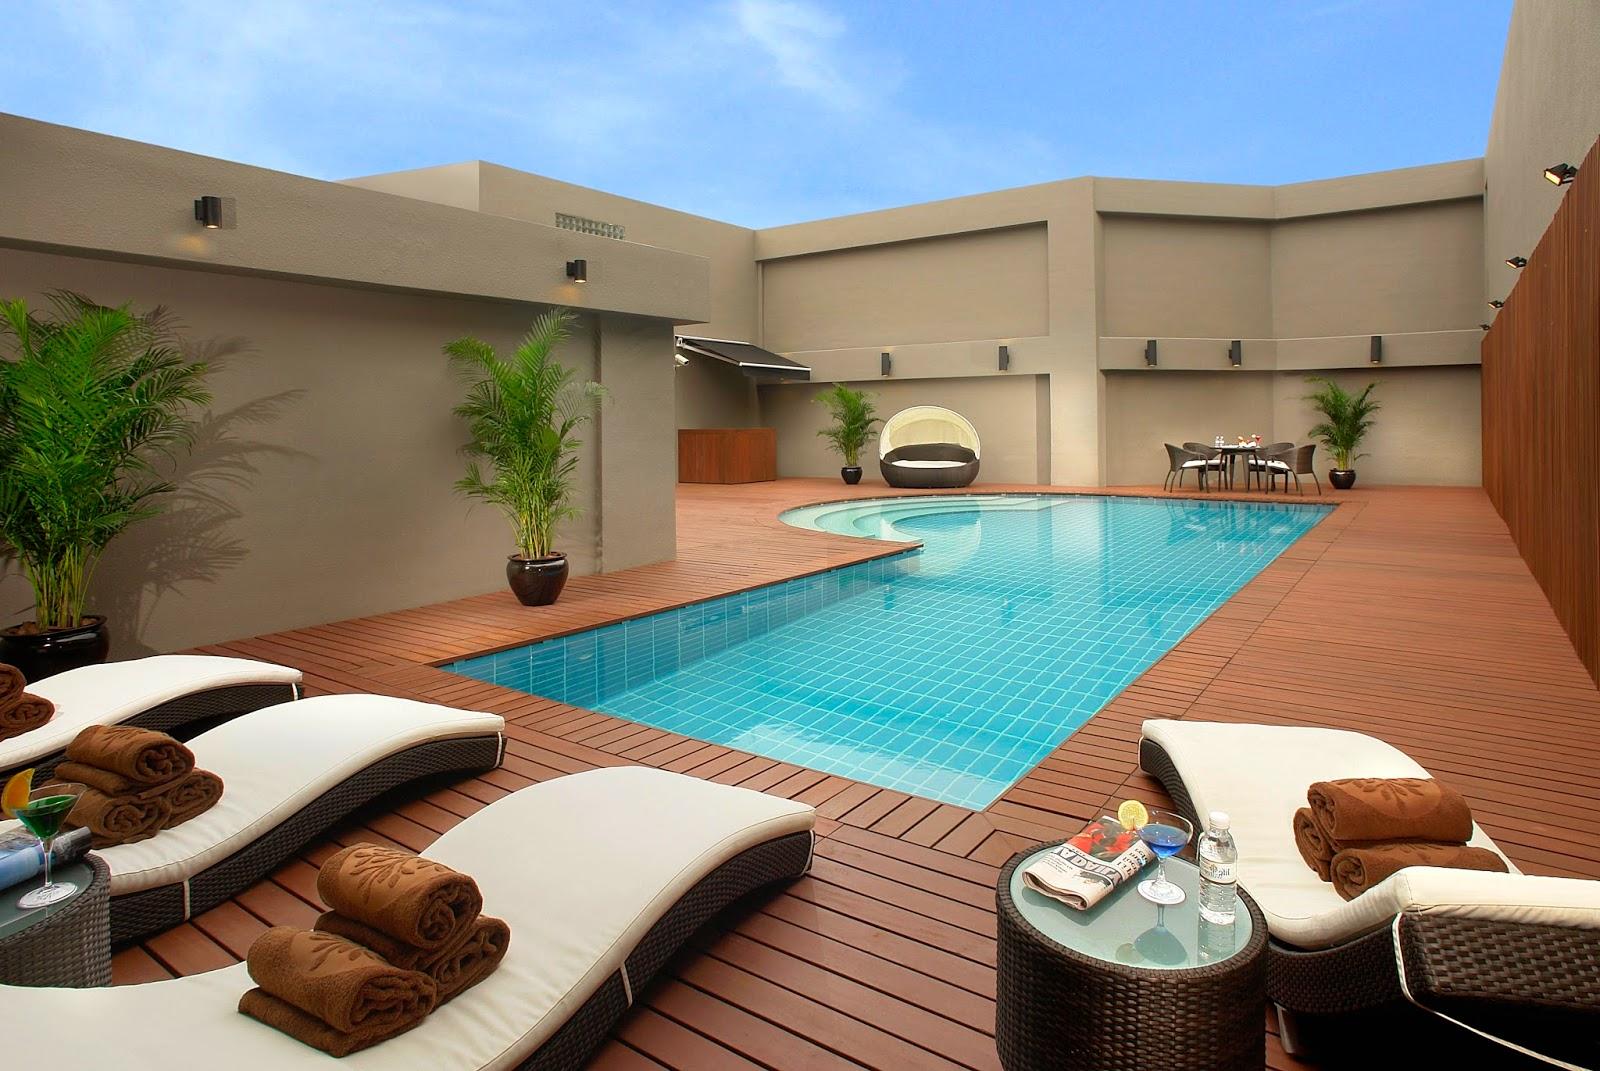 Multinotas dise os modernos de piscinas enterradas for Normativa de diseno de piscinas